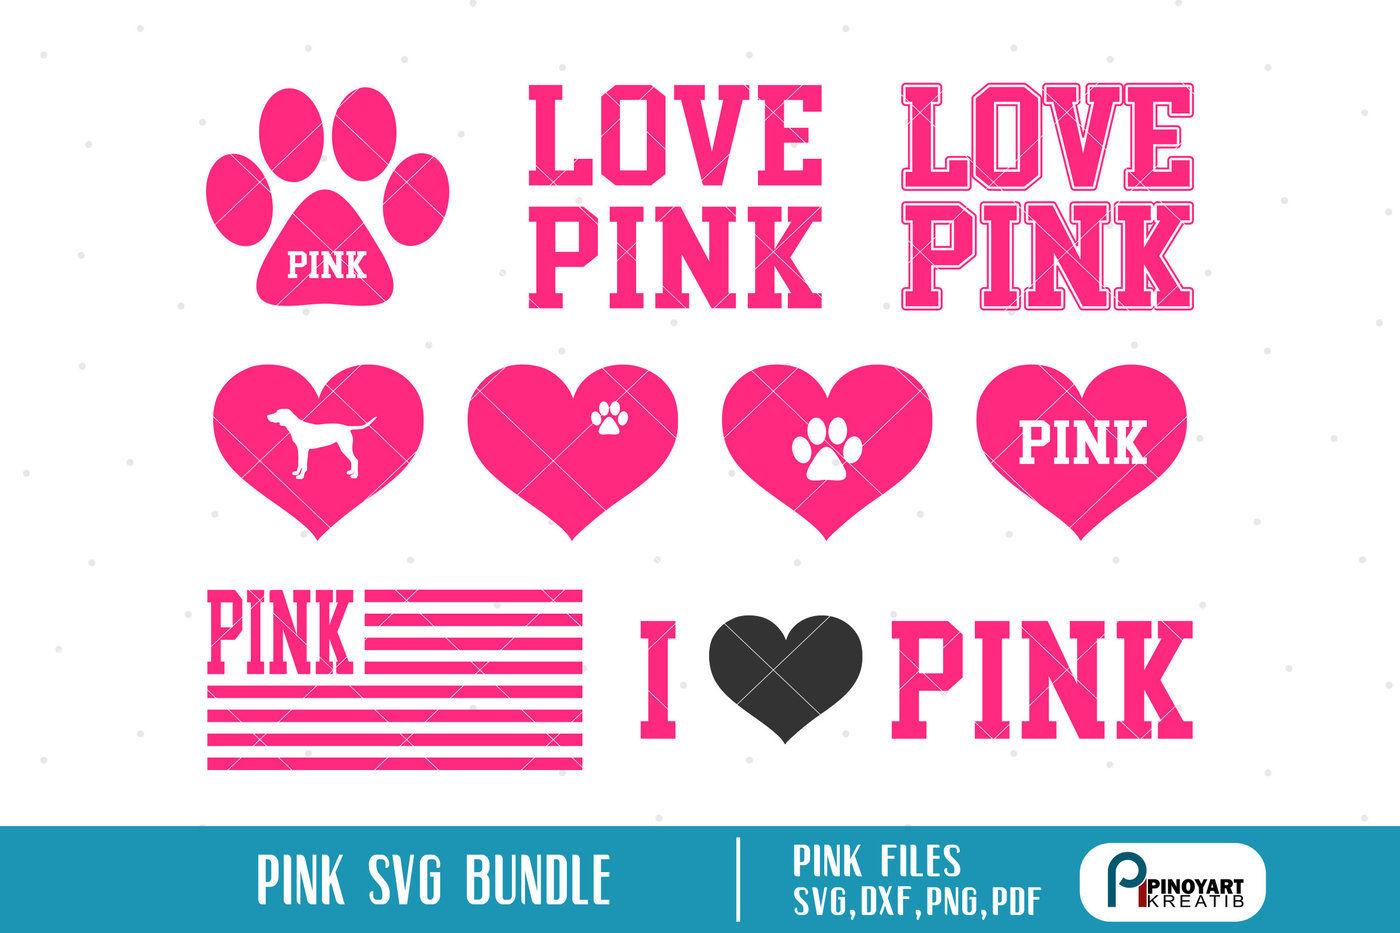 pink logo svg #870, Download drawings